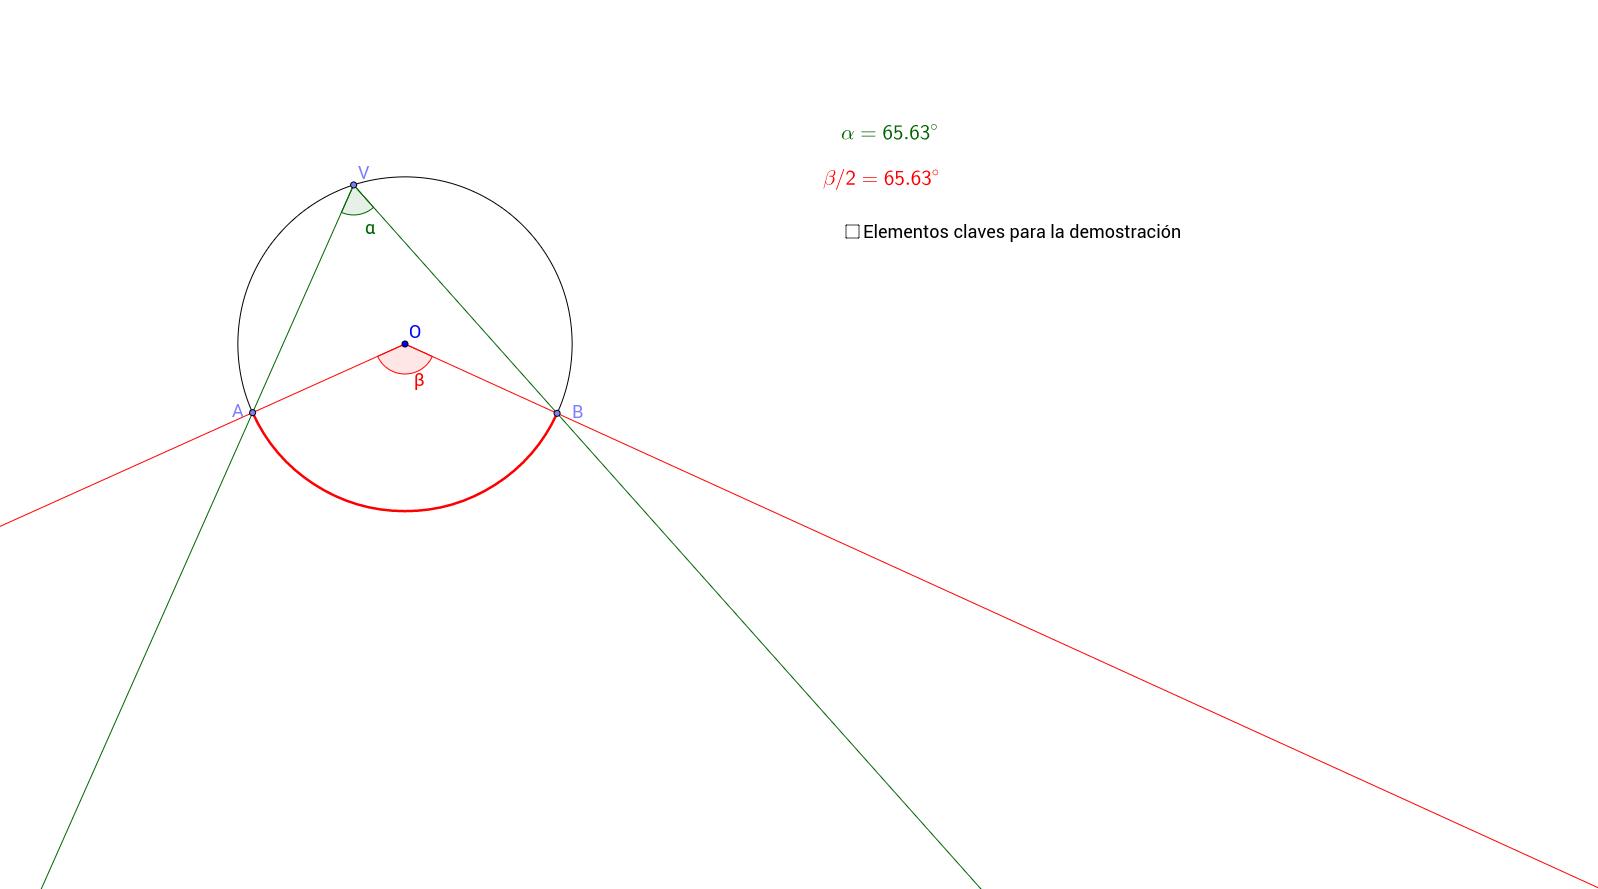 DIMAVA_Ángulo inscrito en circunferencia y relación angular